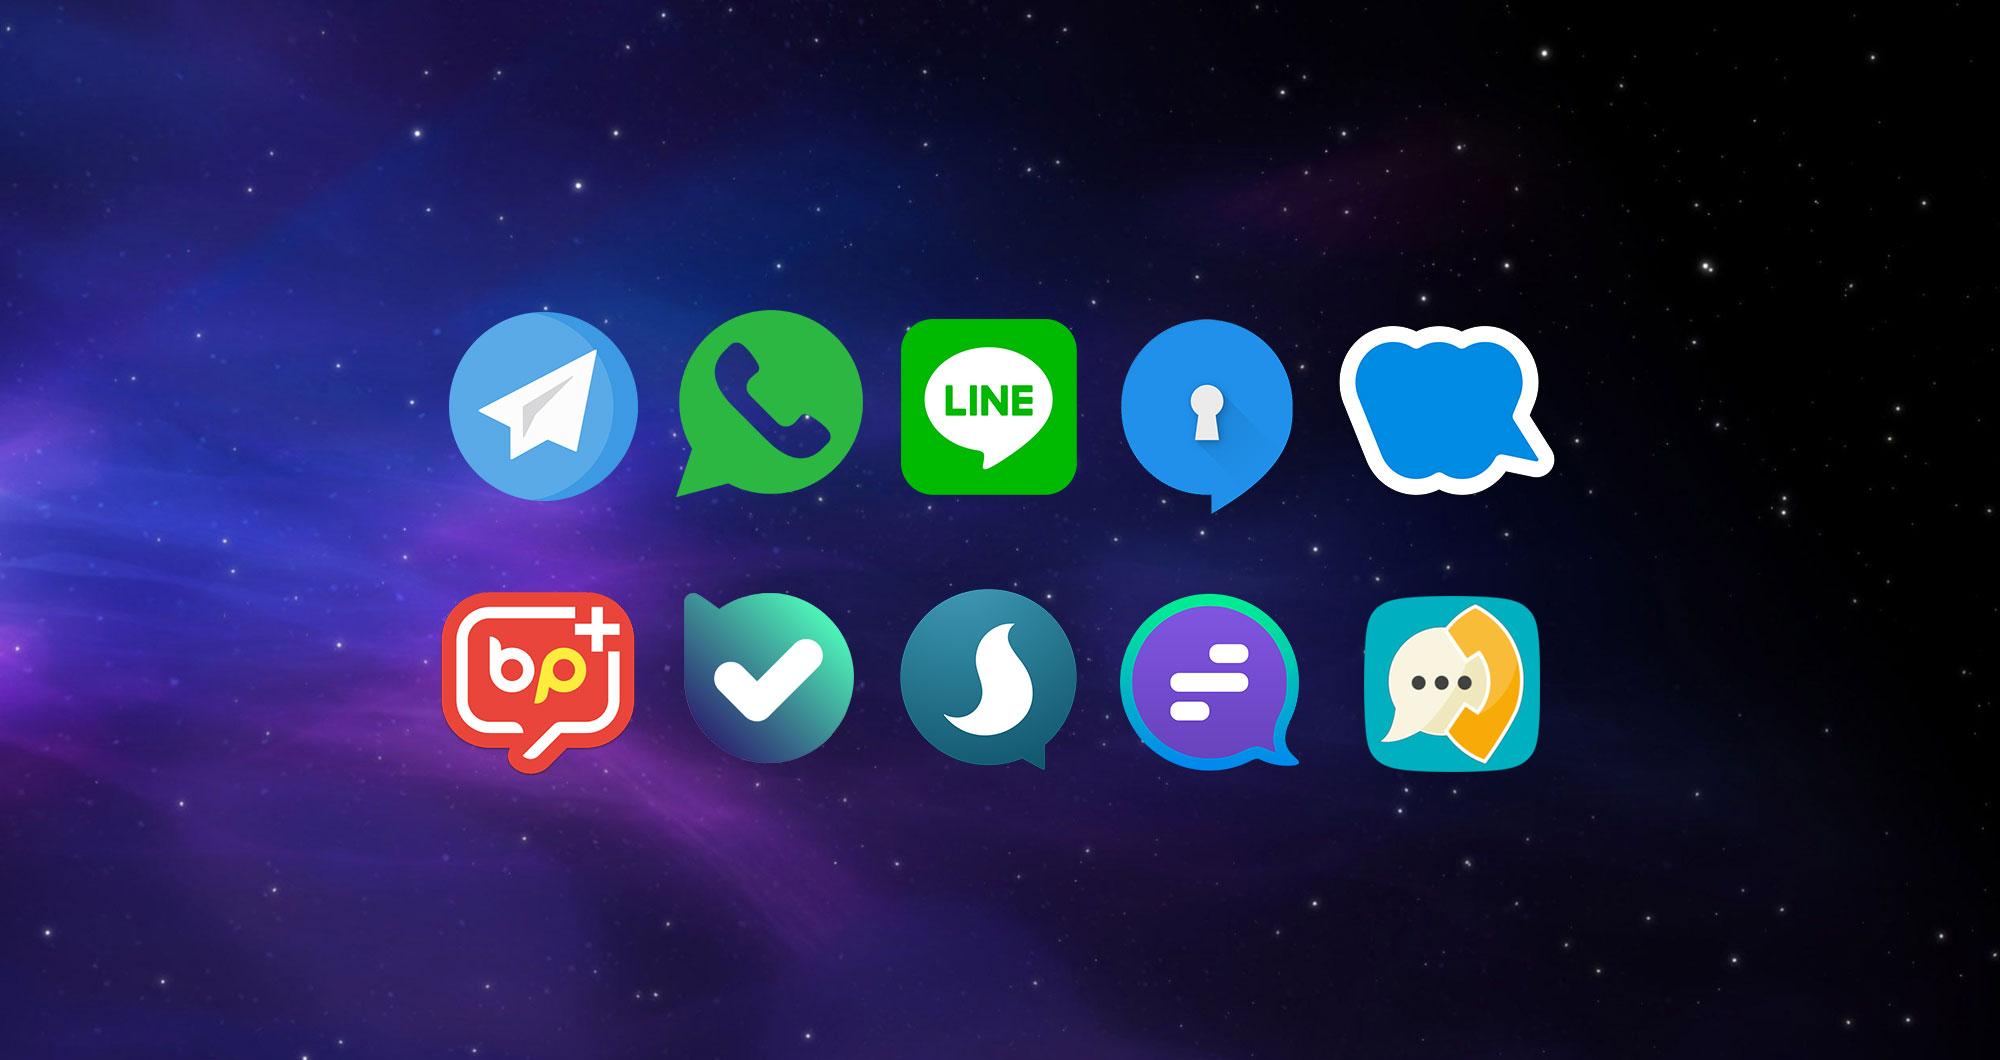 پیام رسان داخلی و خارجی جایگزین تلگرام